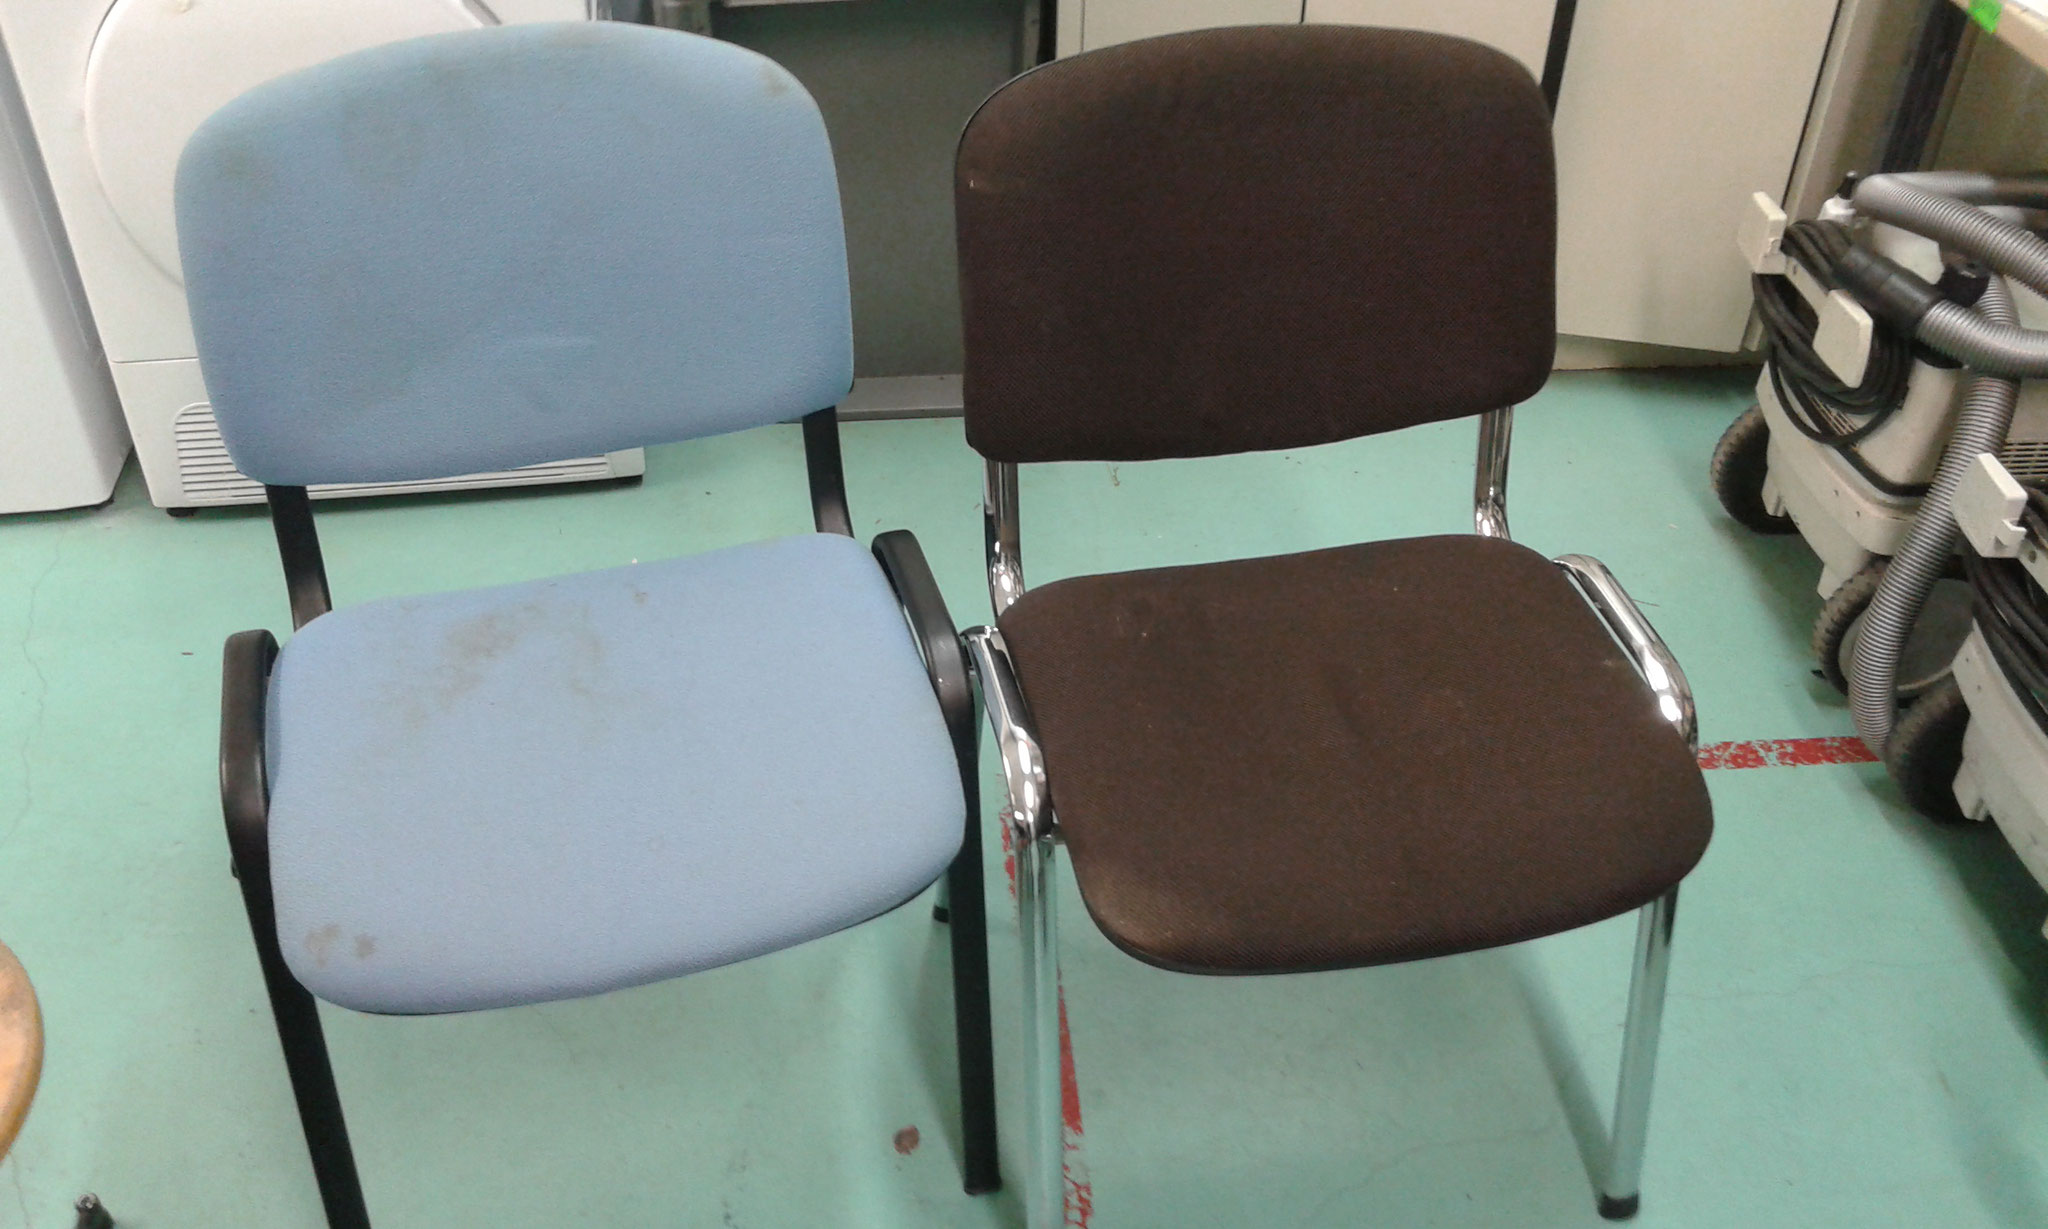 Nettoyage par injection/extraction de fauteuils. Avant